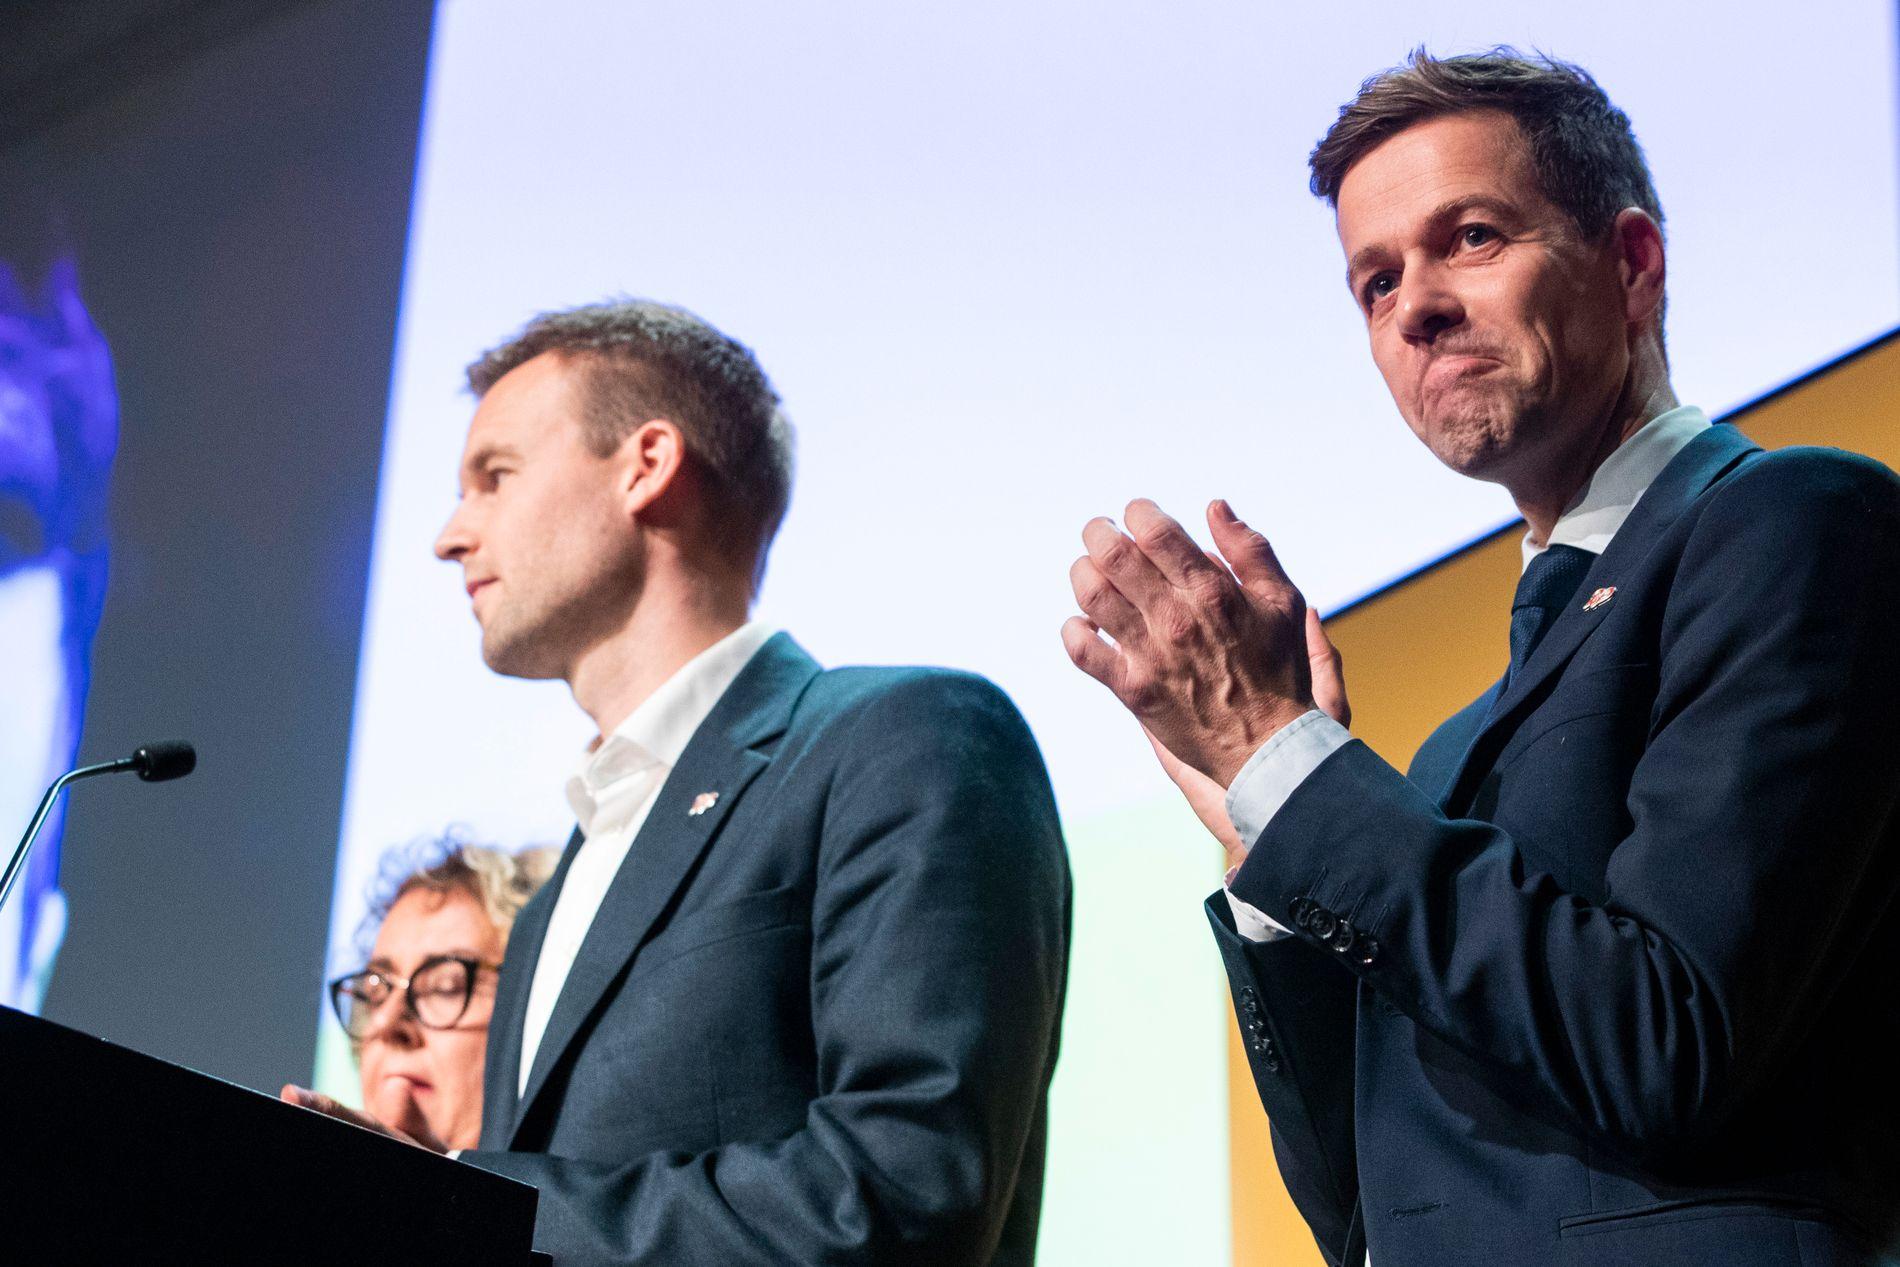 SATSET ALT OG TAPTE: Knut Arild Hareide på partiets ekstraordinære landsmøtet i november.